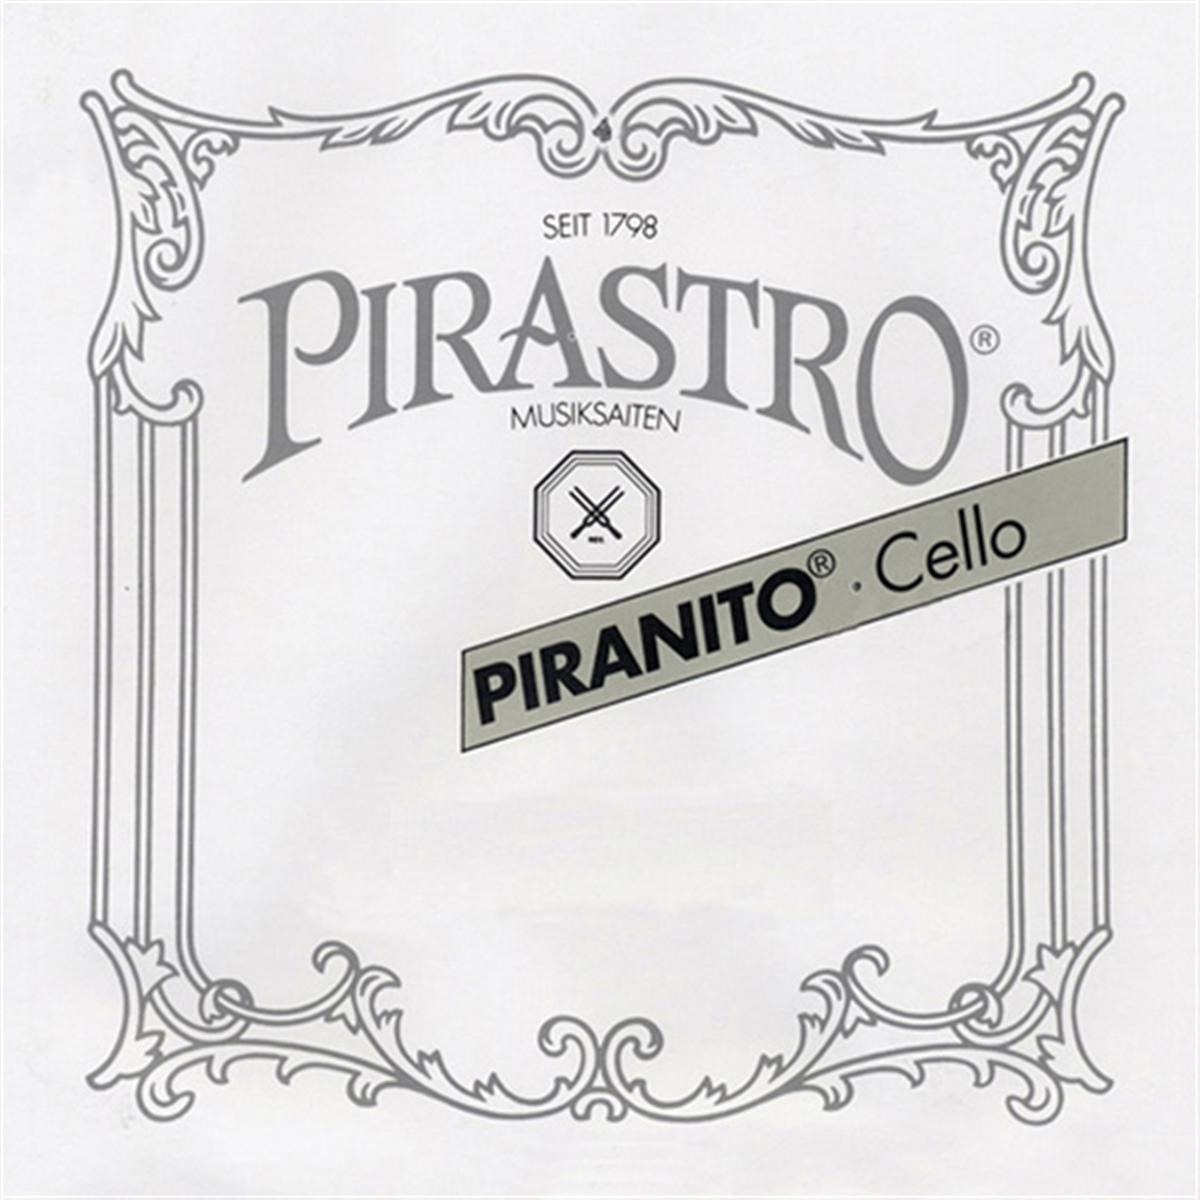 Pirastro Piranito Cello Strings